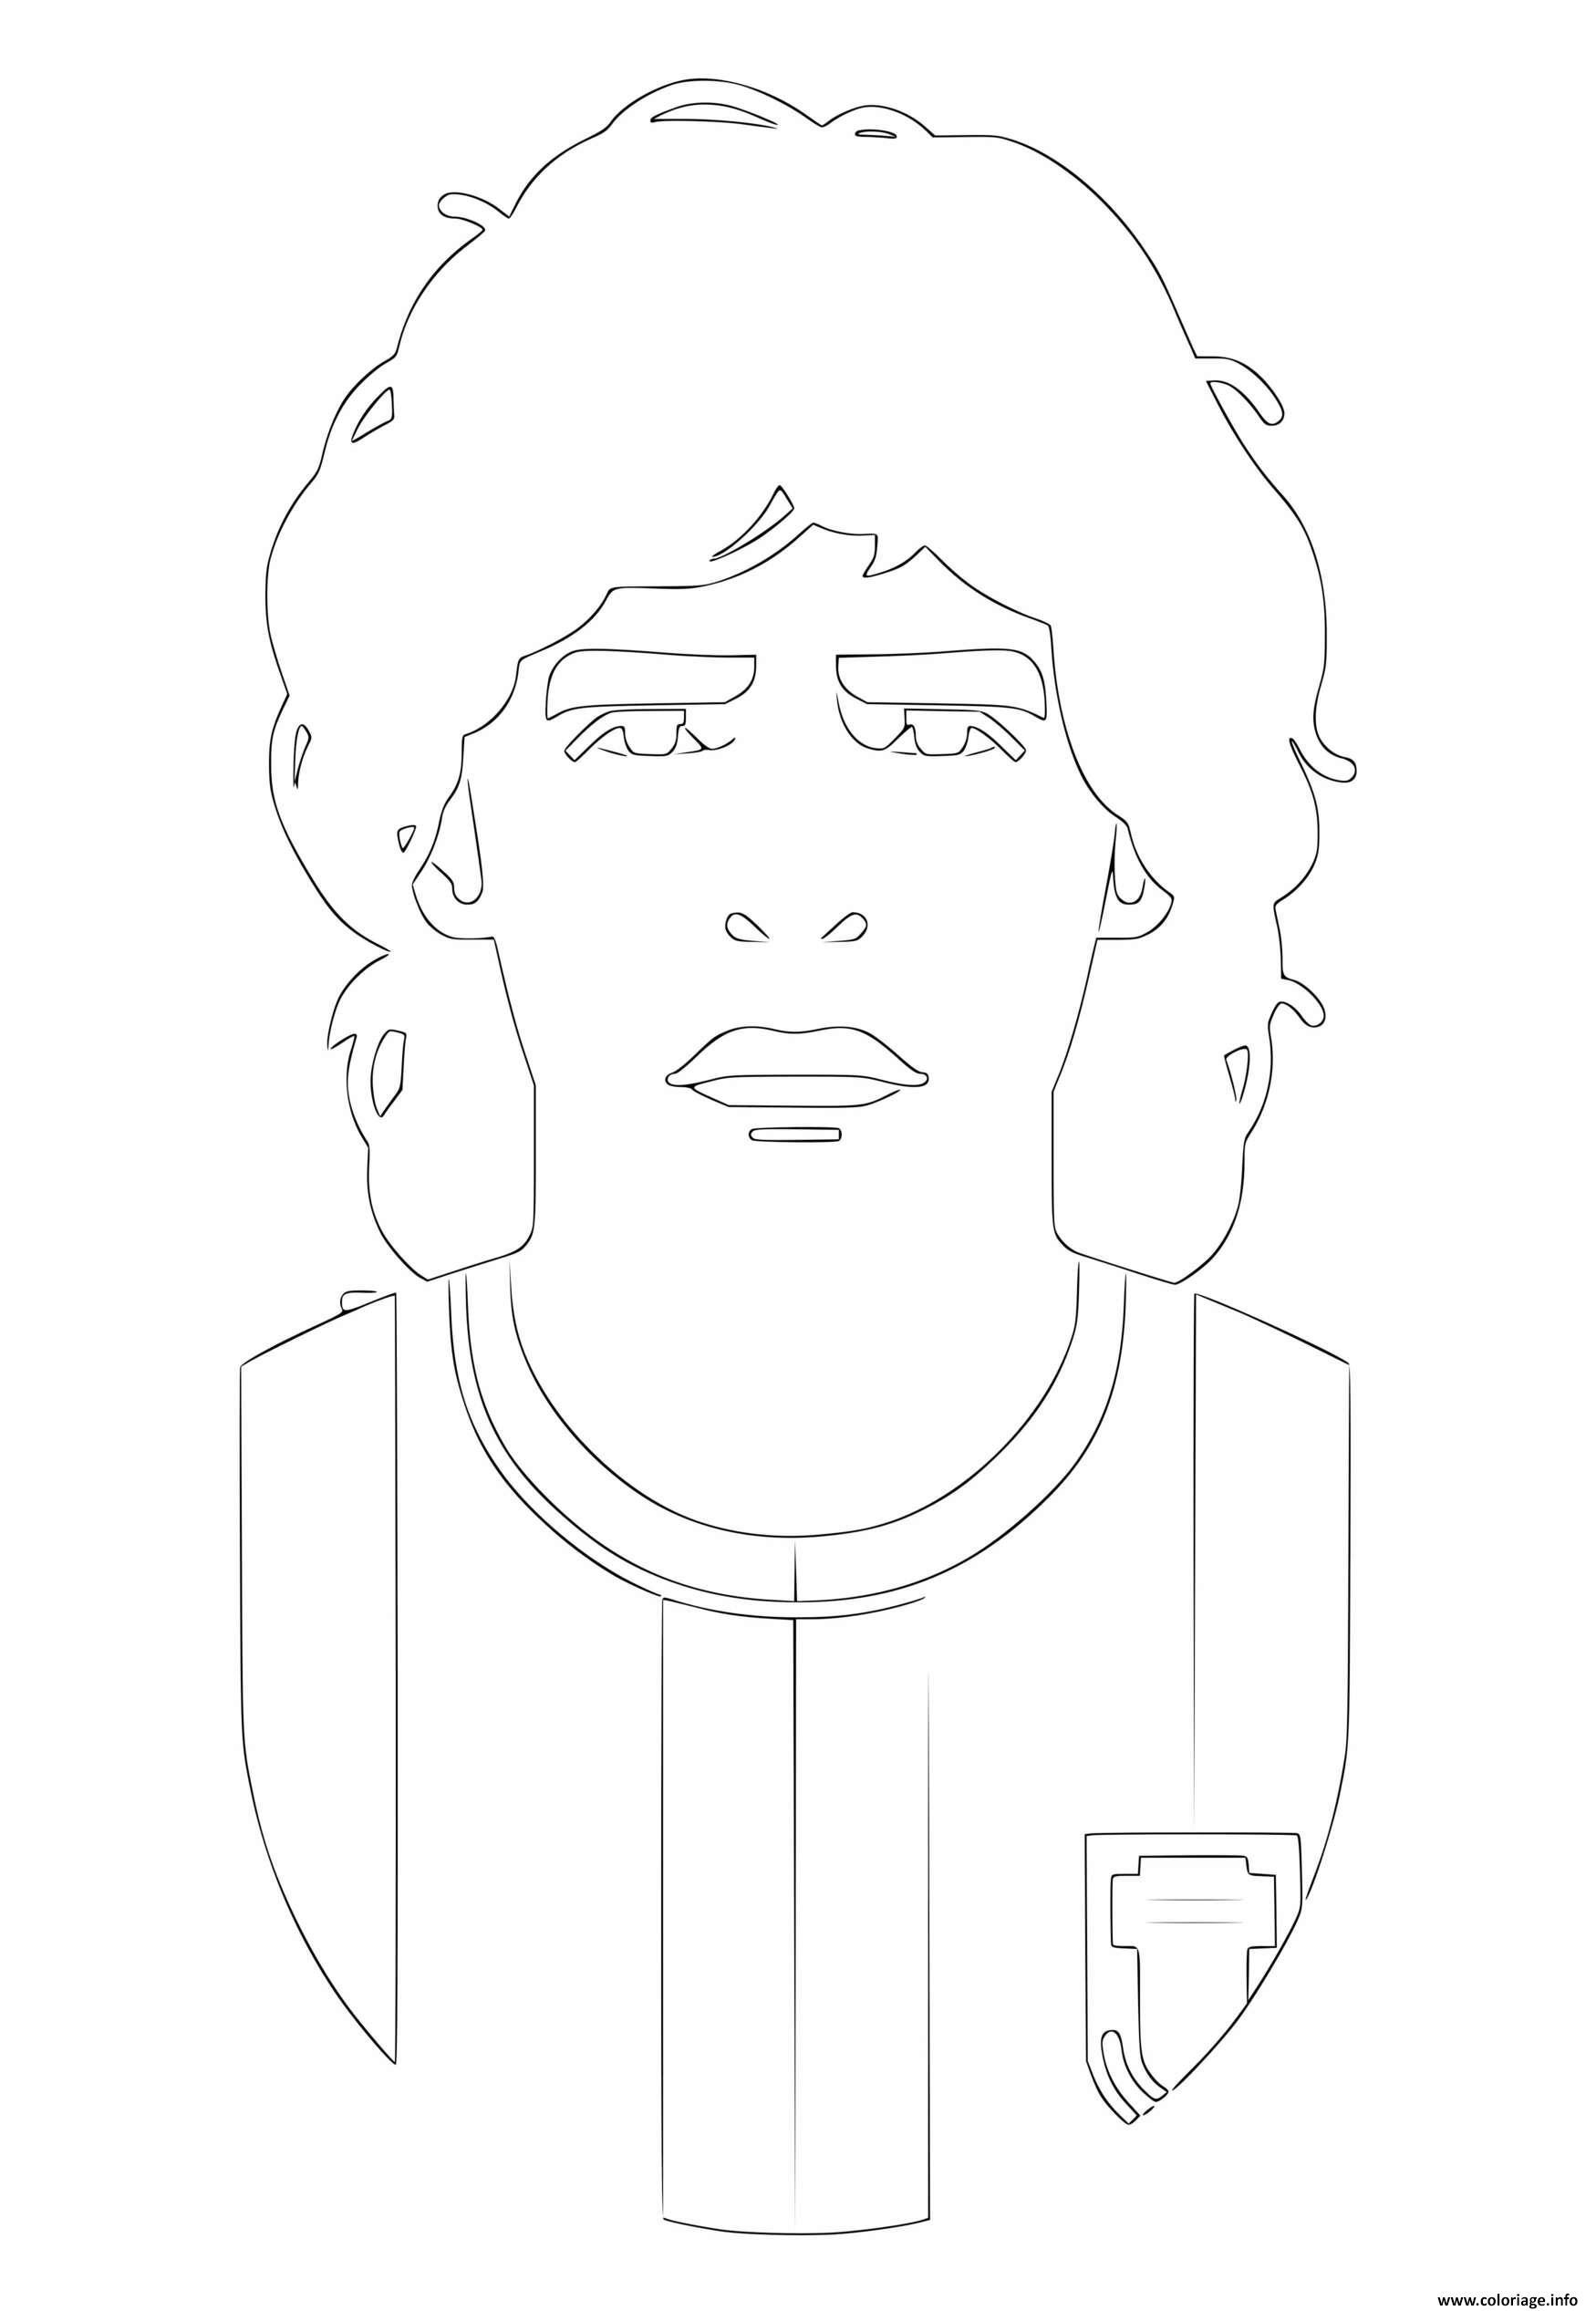 Dessin portrait du joueur de foot maradona diego Coloriage Gratuit à Imprimer